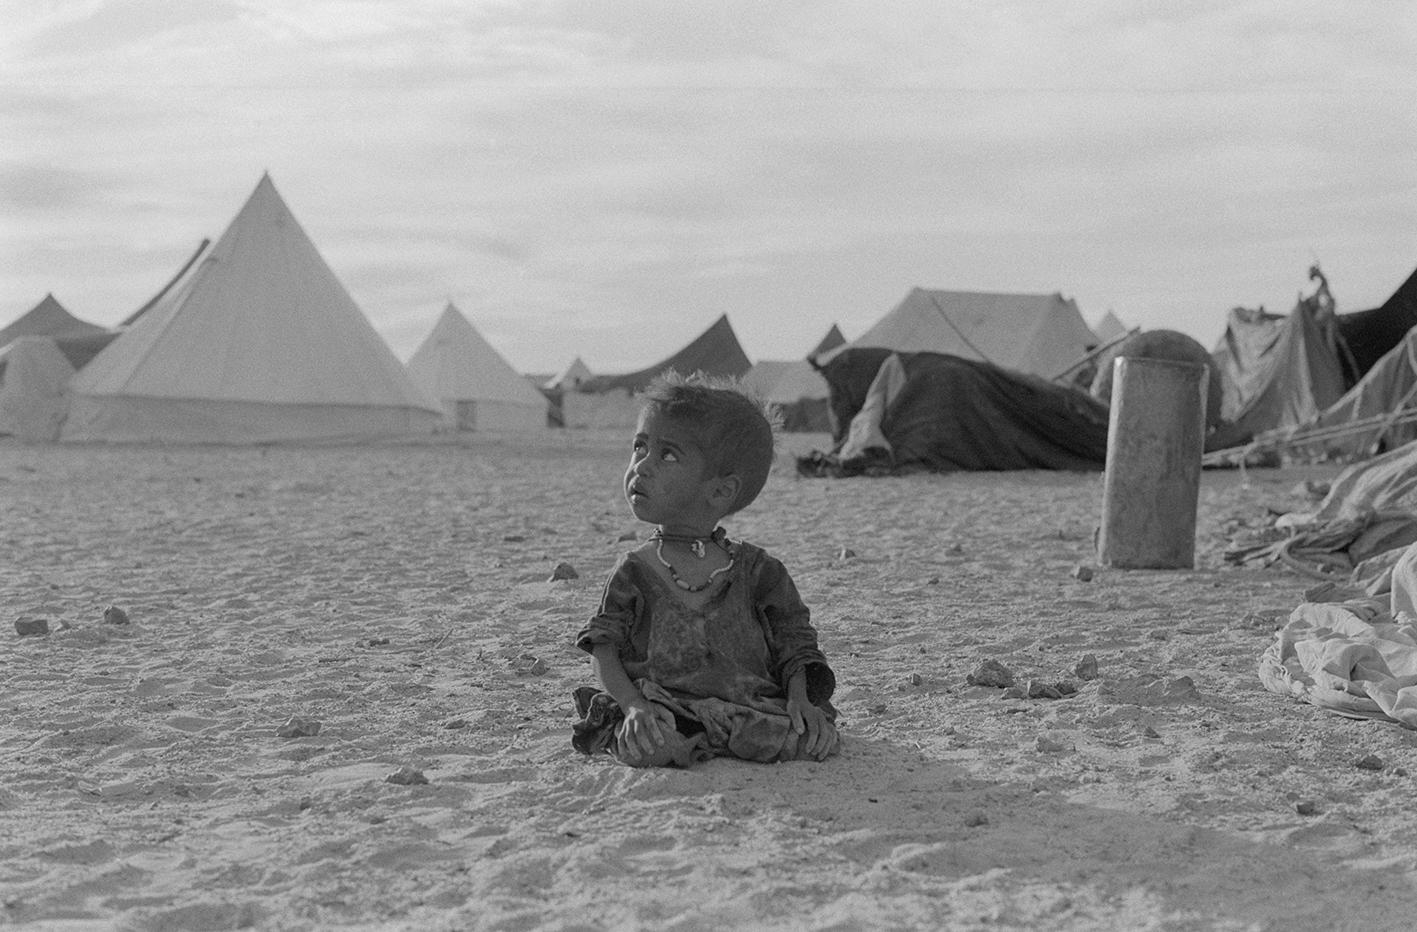 &#169Christine Spengler - Sahara Occidental, 1976. Tindouf.